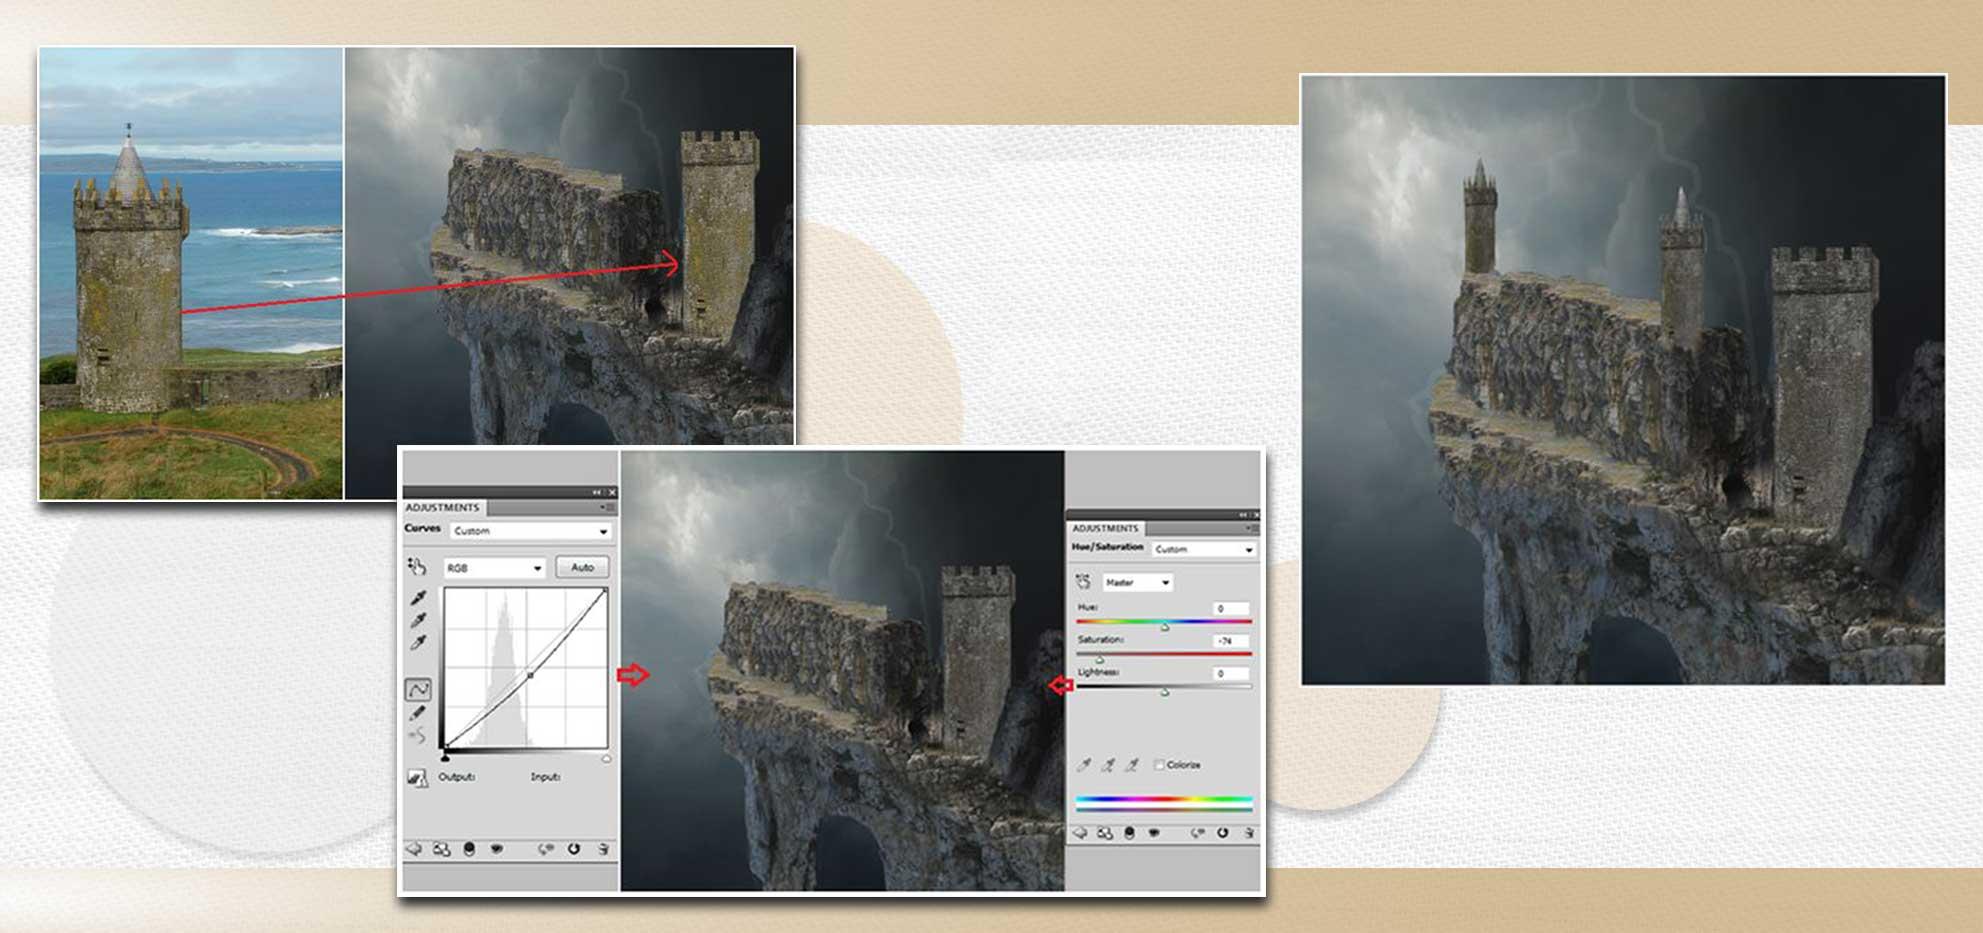 sakhte ghalee 10 - آموزش تصویری ساخت قلعه در فتوشاپ